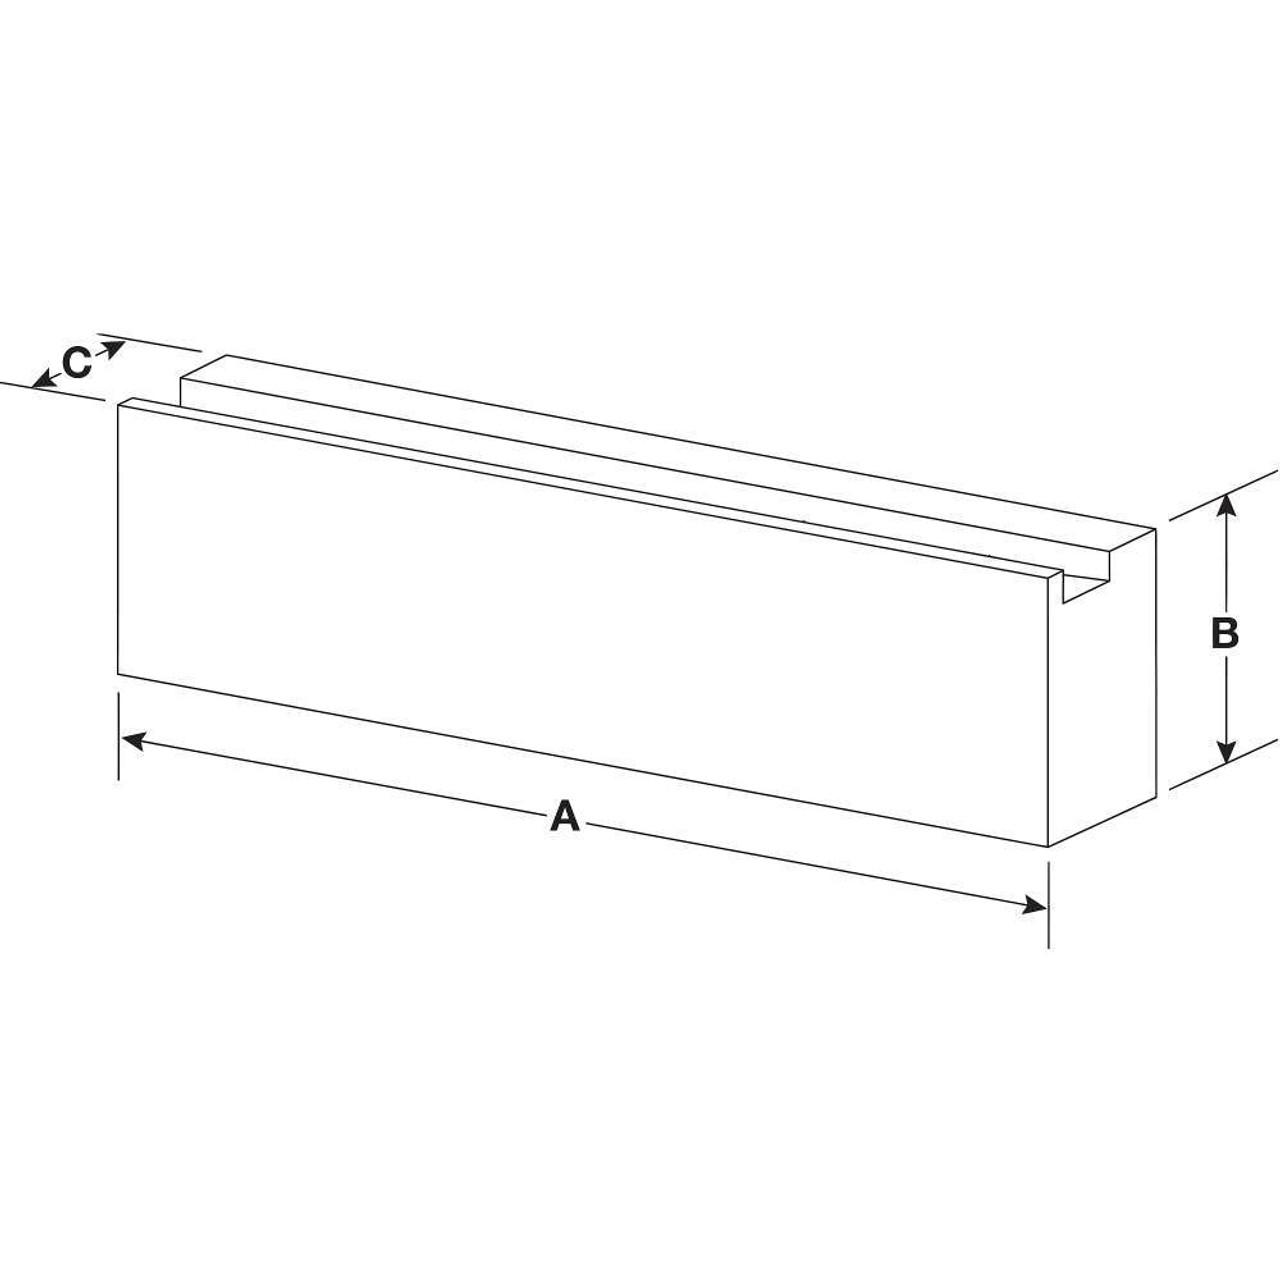 2 SBR20-625 //925 //1025MM Liner Raill Support/&12 SBR20UU Block Bearing Bearing